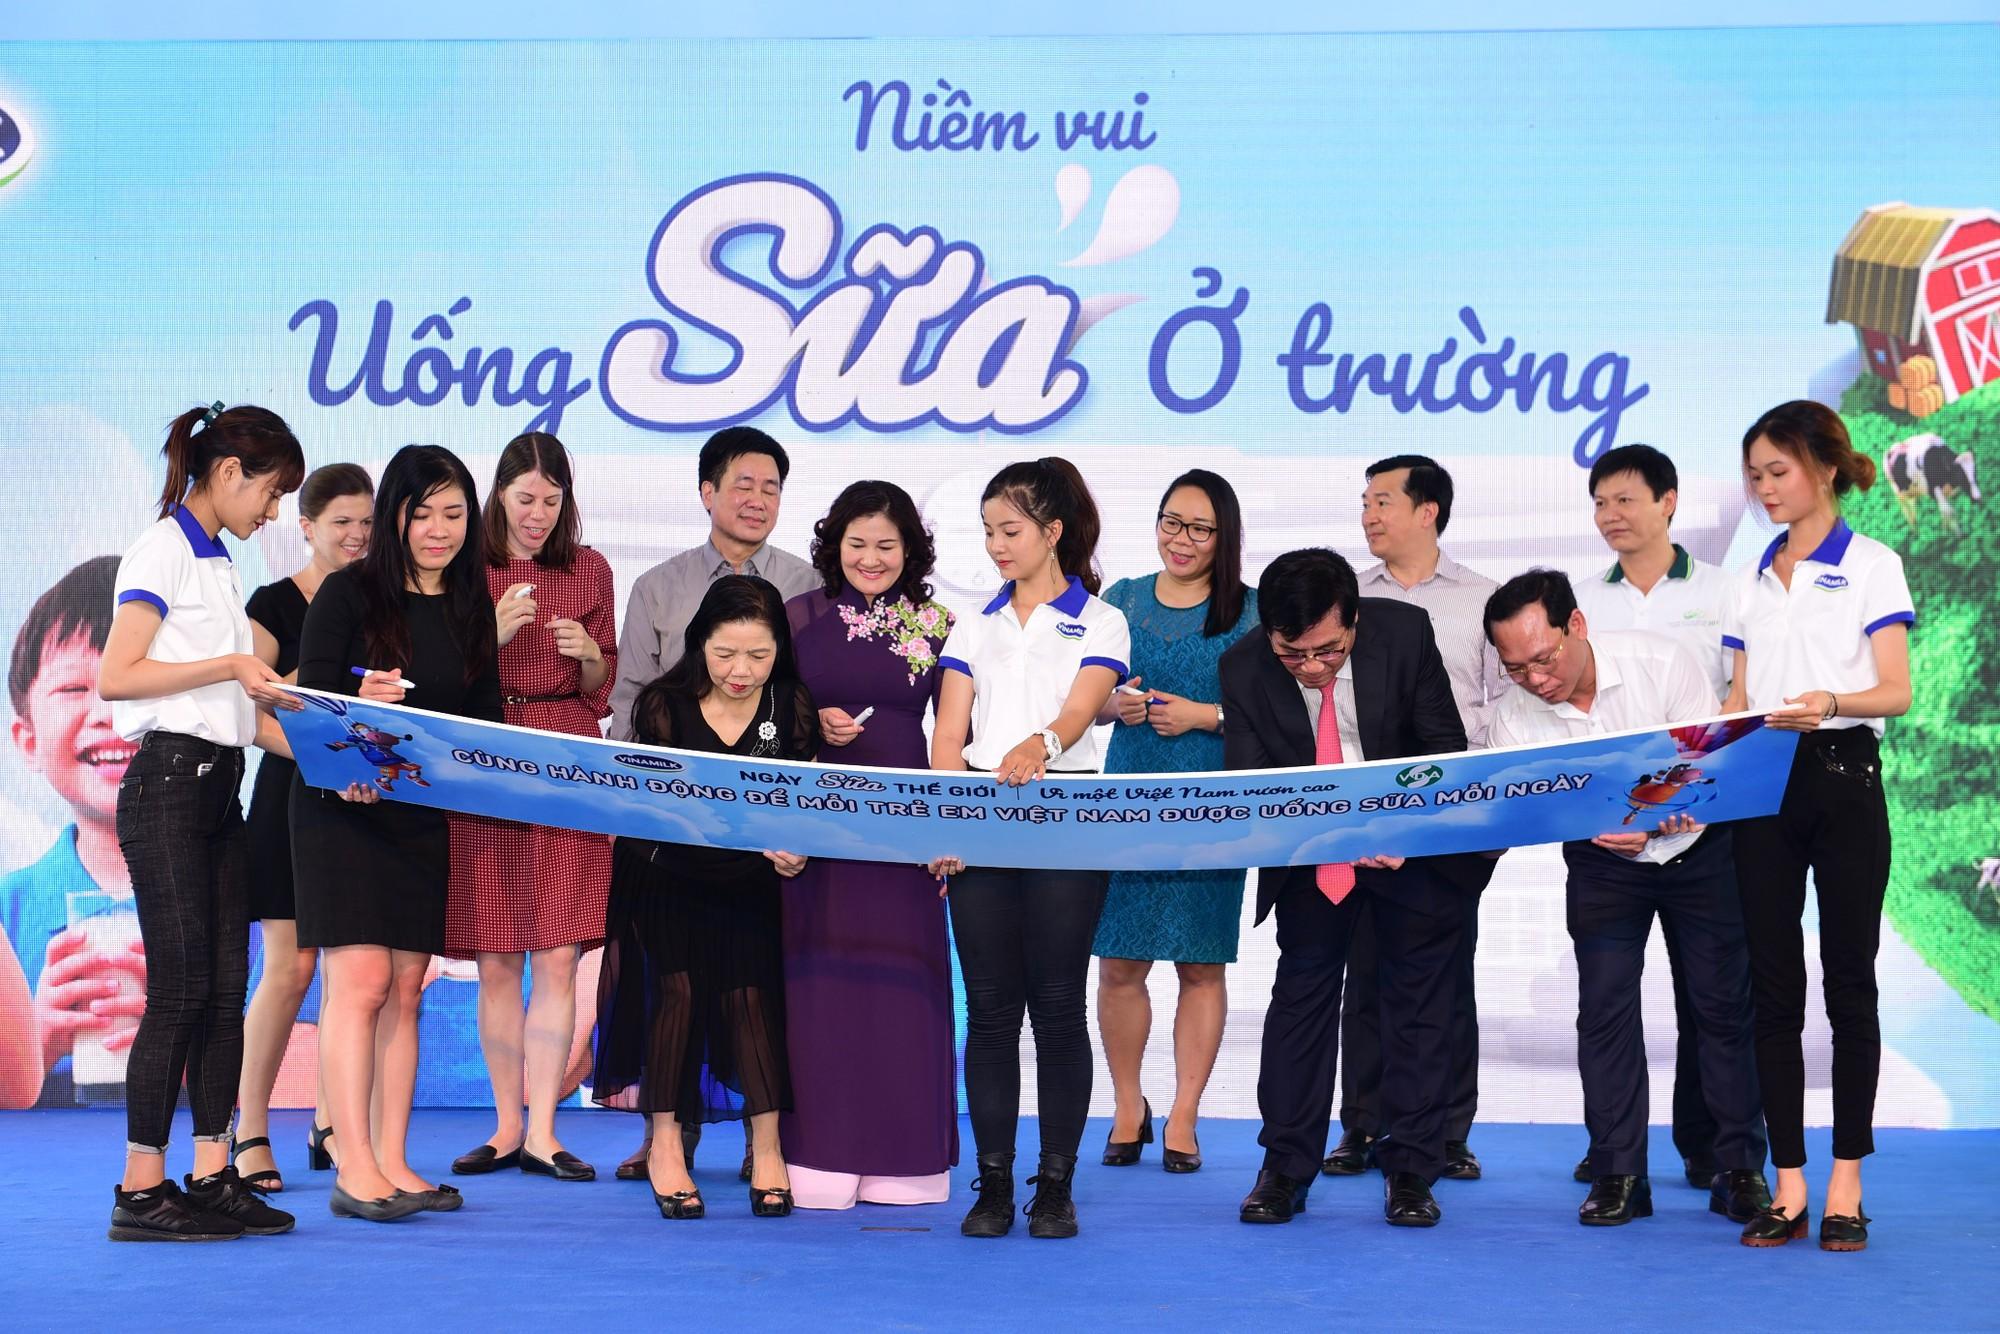 Công bố chủ đề hưởng ứng Ngày sữa thế giới, Vinamilk tiếp tục nỗ lực vì một Việt Nam vươn cao - Ảnh 1.